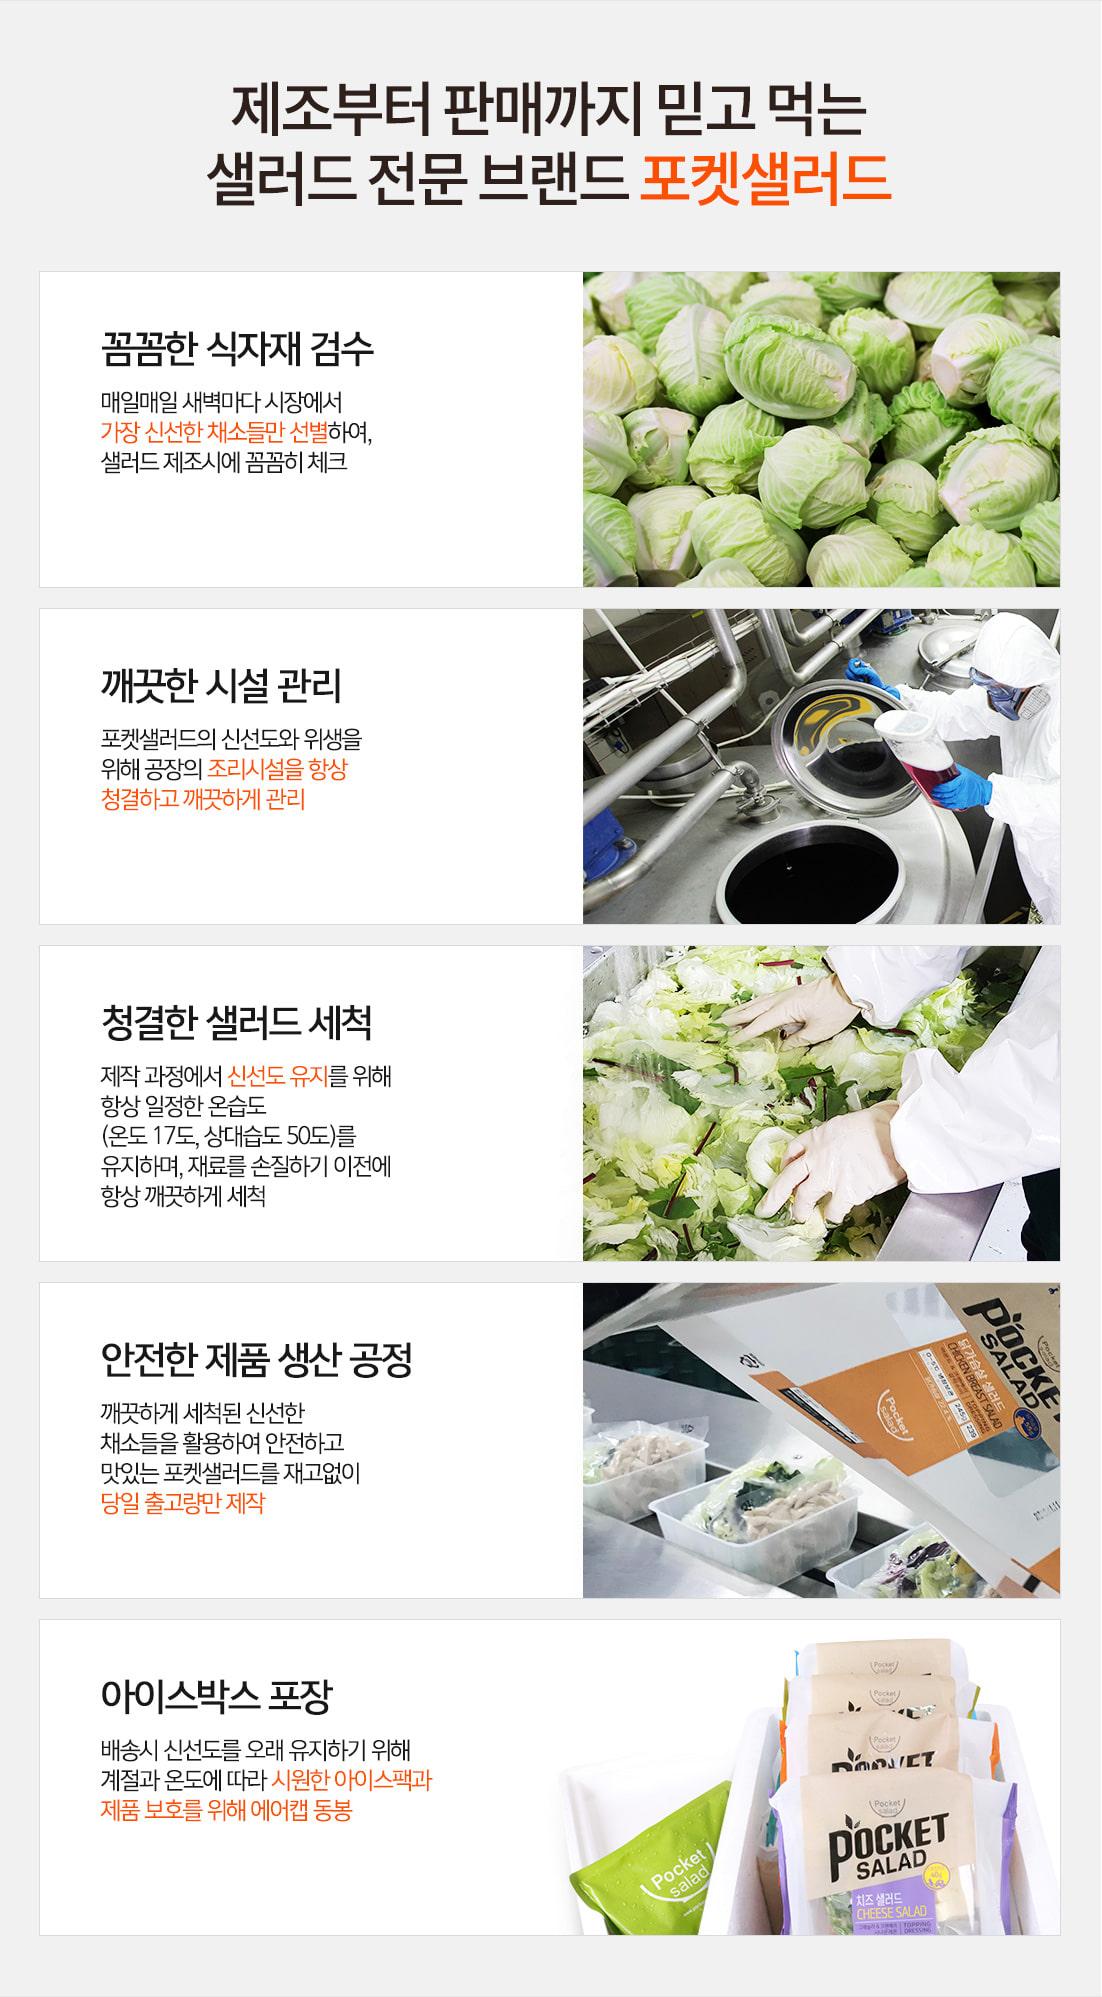 포켓샐러드_생산과정